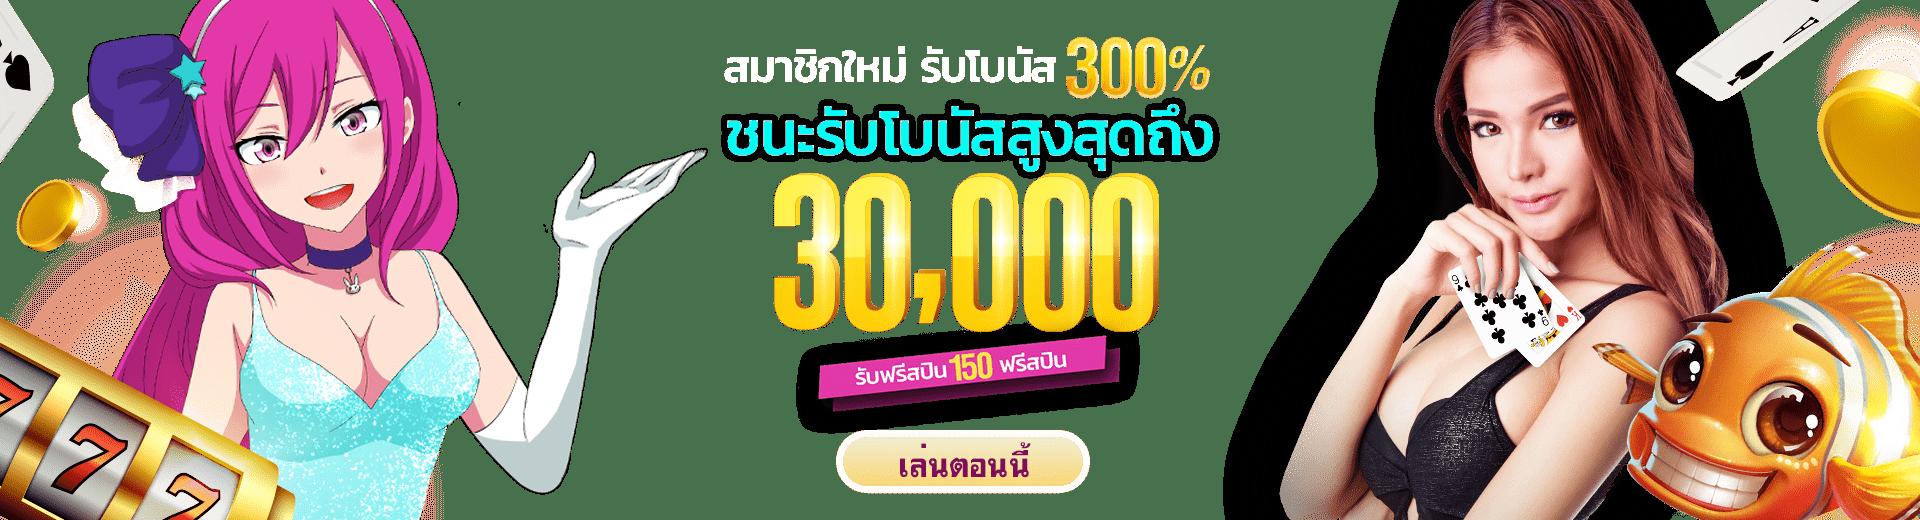 LuckyNiki ใจดี แจกเงินฟรีถึง 30,000 เพียงสมัครสมาชิกเว็บคาสิโนออนไลน์ และรับเครดิตฟรีเพื่อเล่นสล็อตออนไลน์